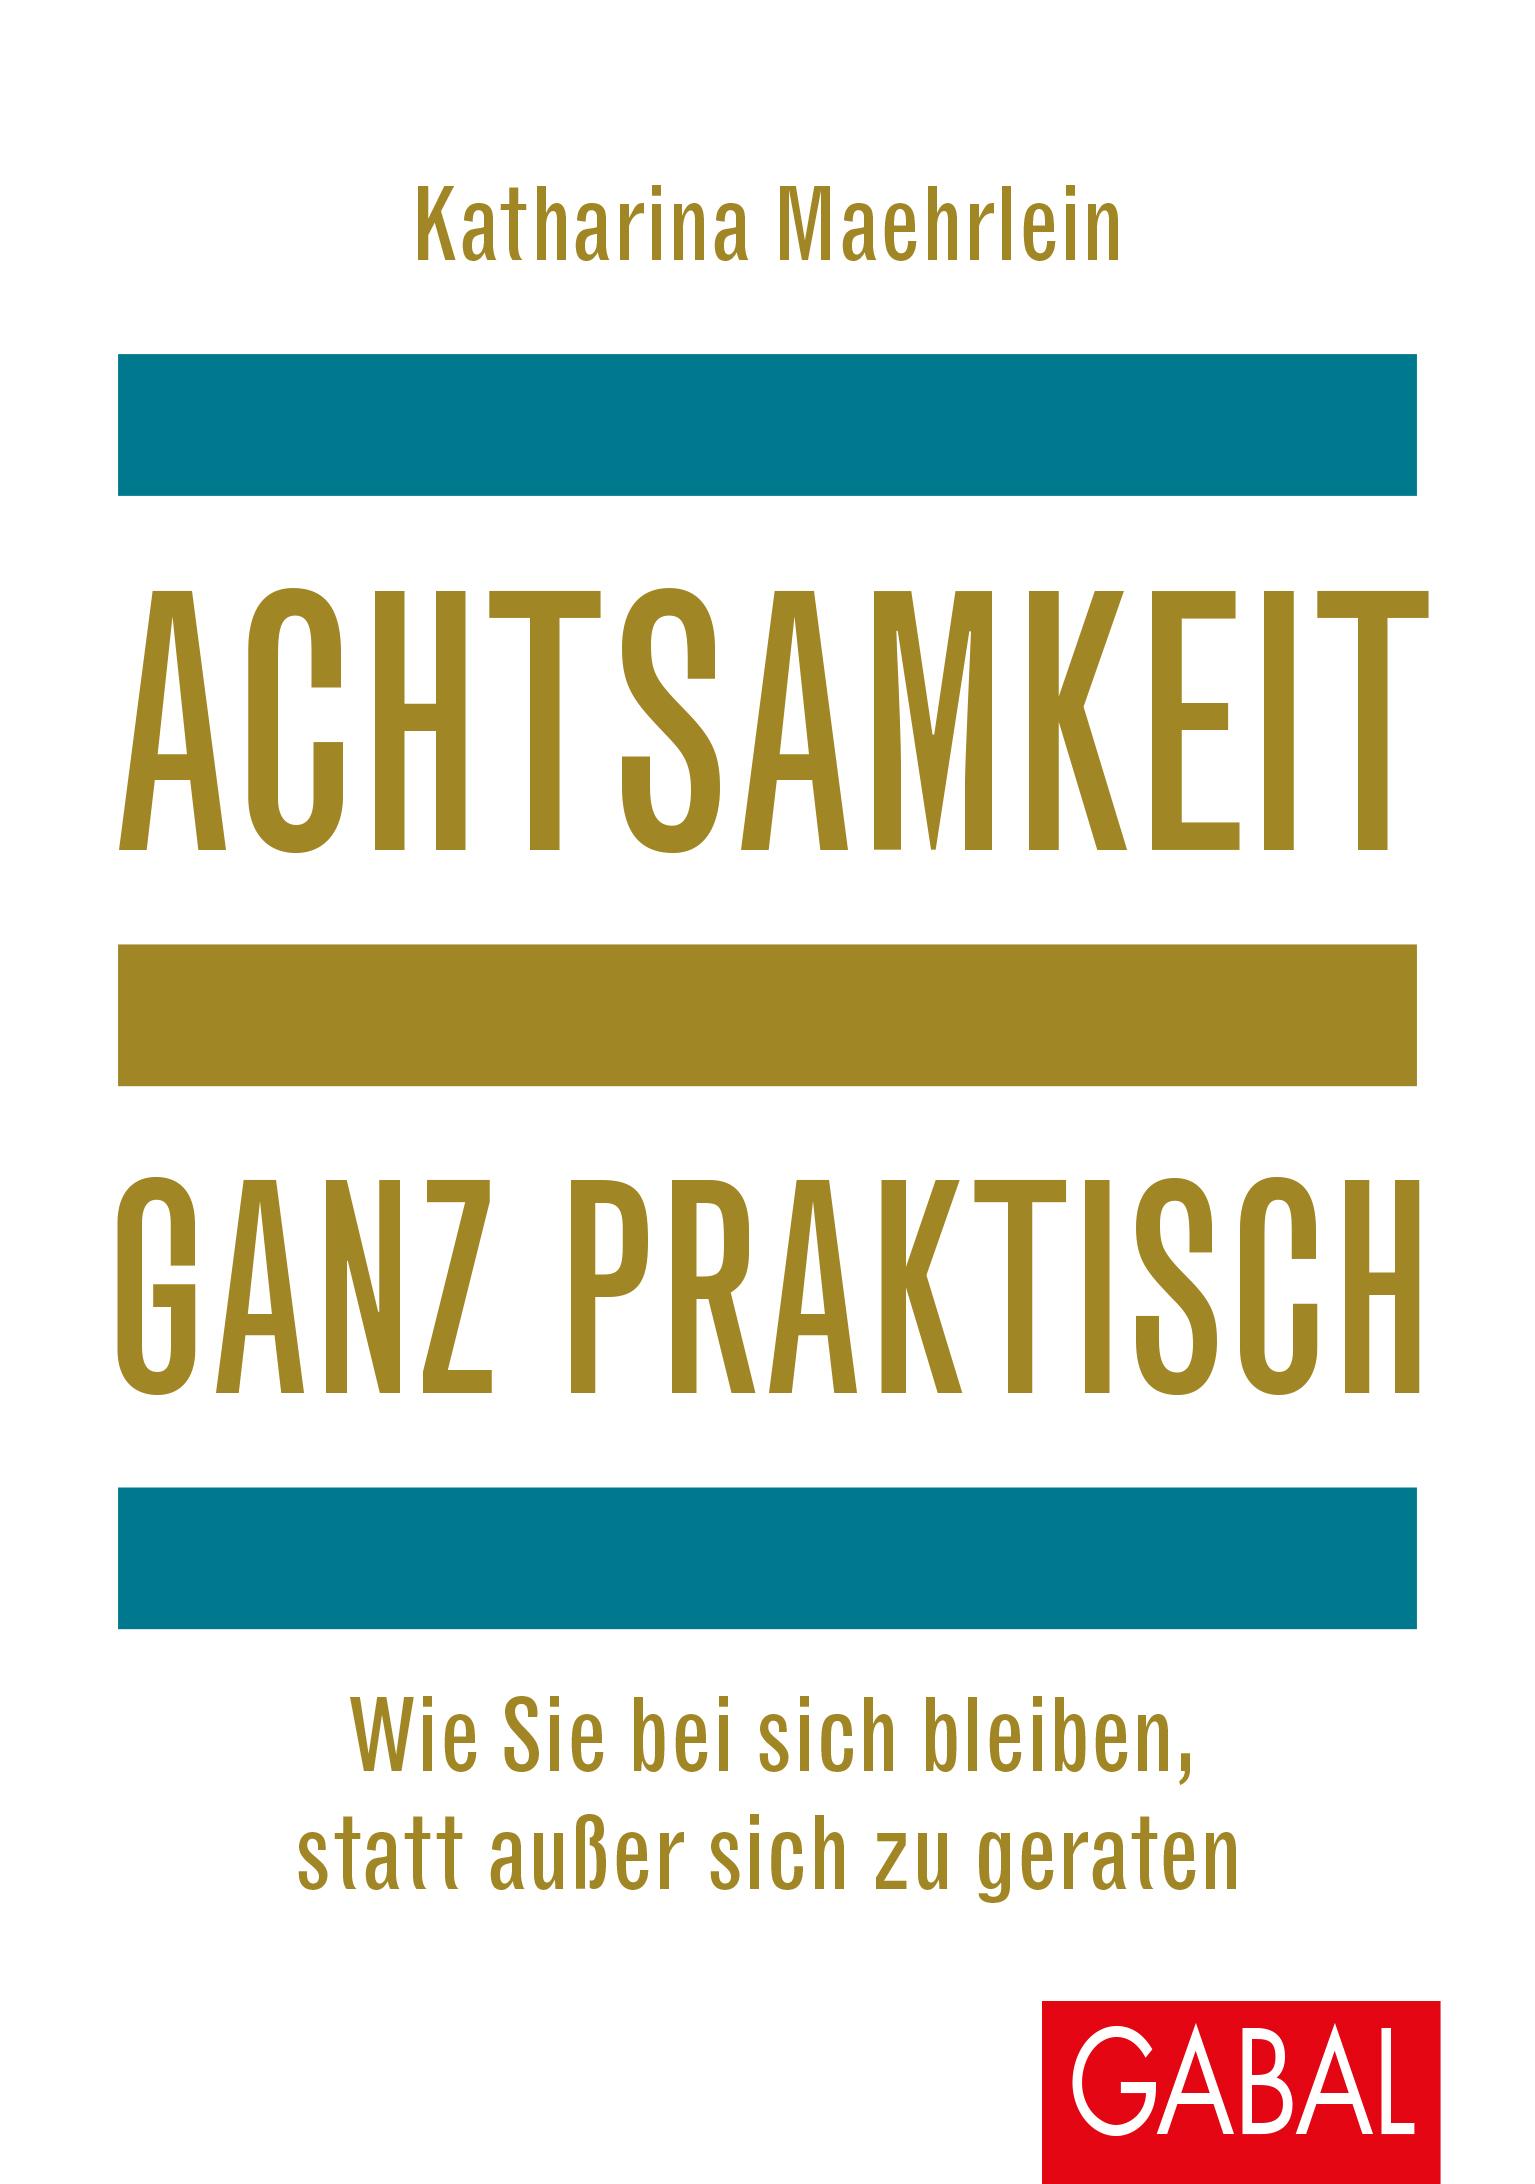 Achtsamkeit-ganz-praktisch-Katharina-Maehrlein